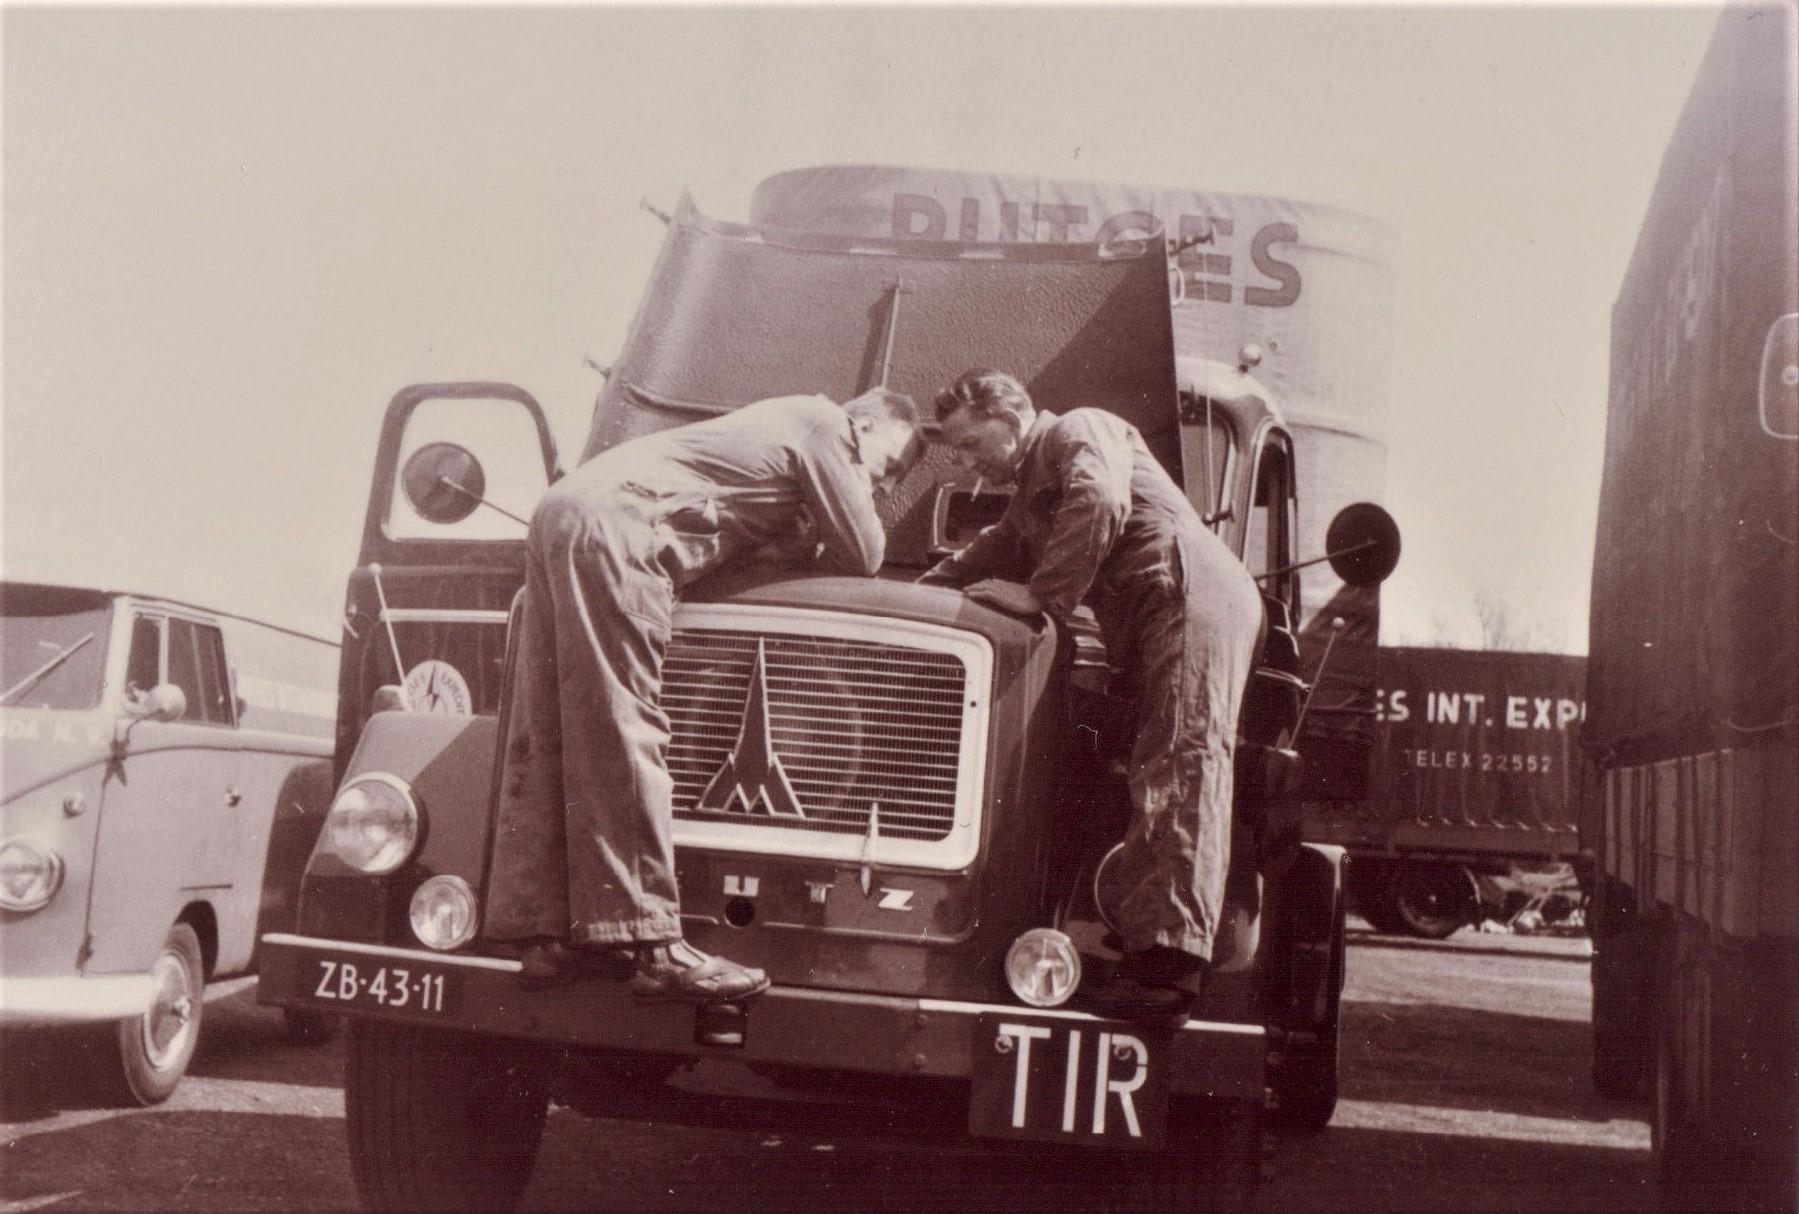 Jan-Houtman-Foto-van-mijn-oom-was-chauffeur-bij-Rutges-in-Gouda-en-ik-was-bijrijder-van-1964-66--3